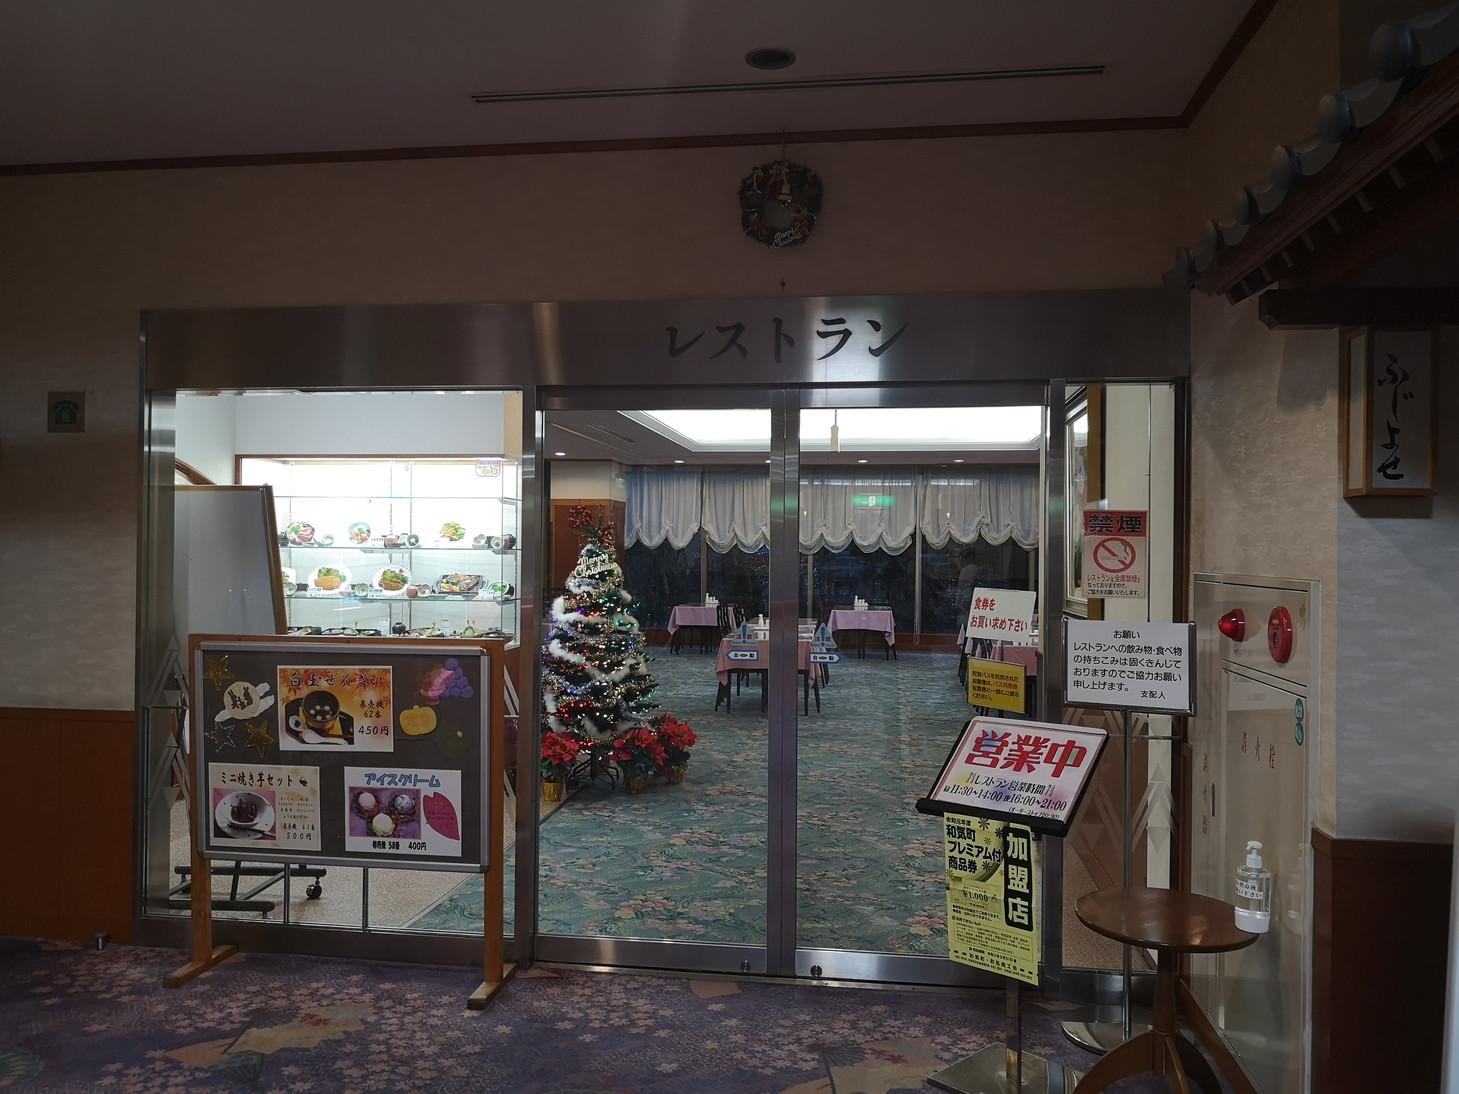 20191219_和気鵜飼谷温泉 (25)